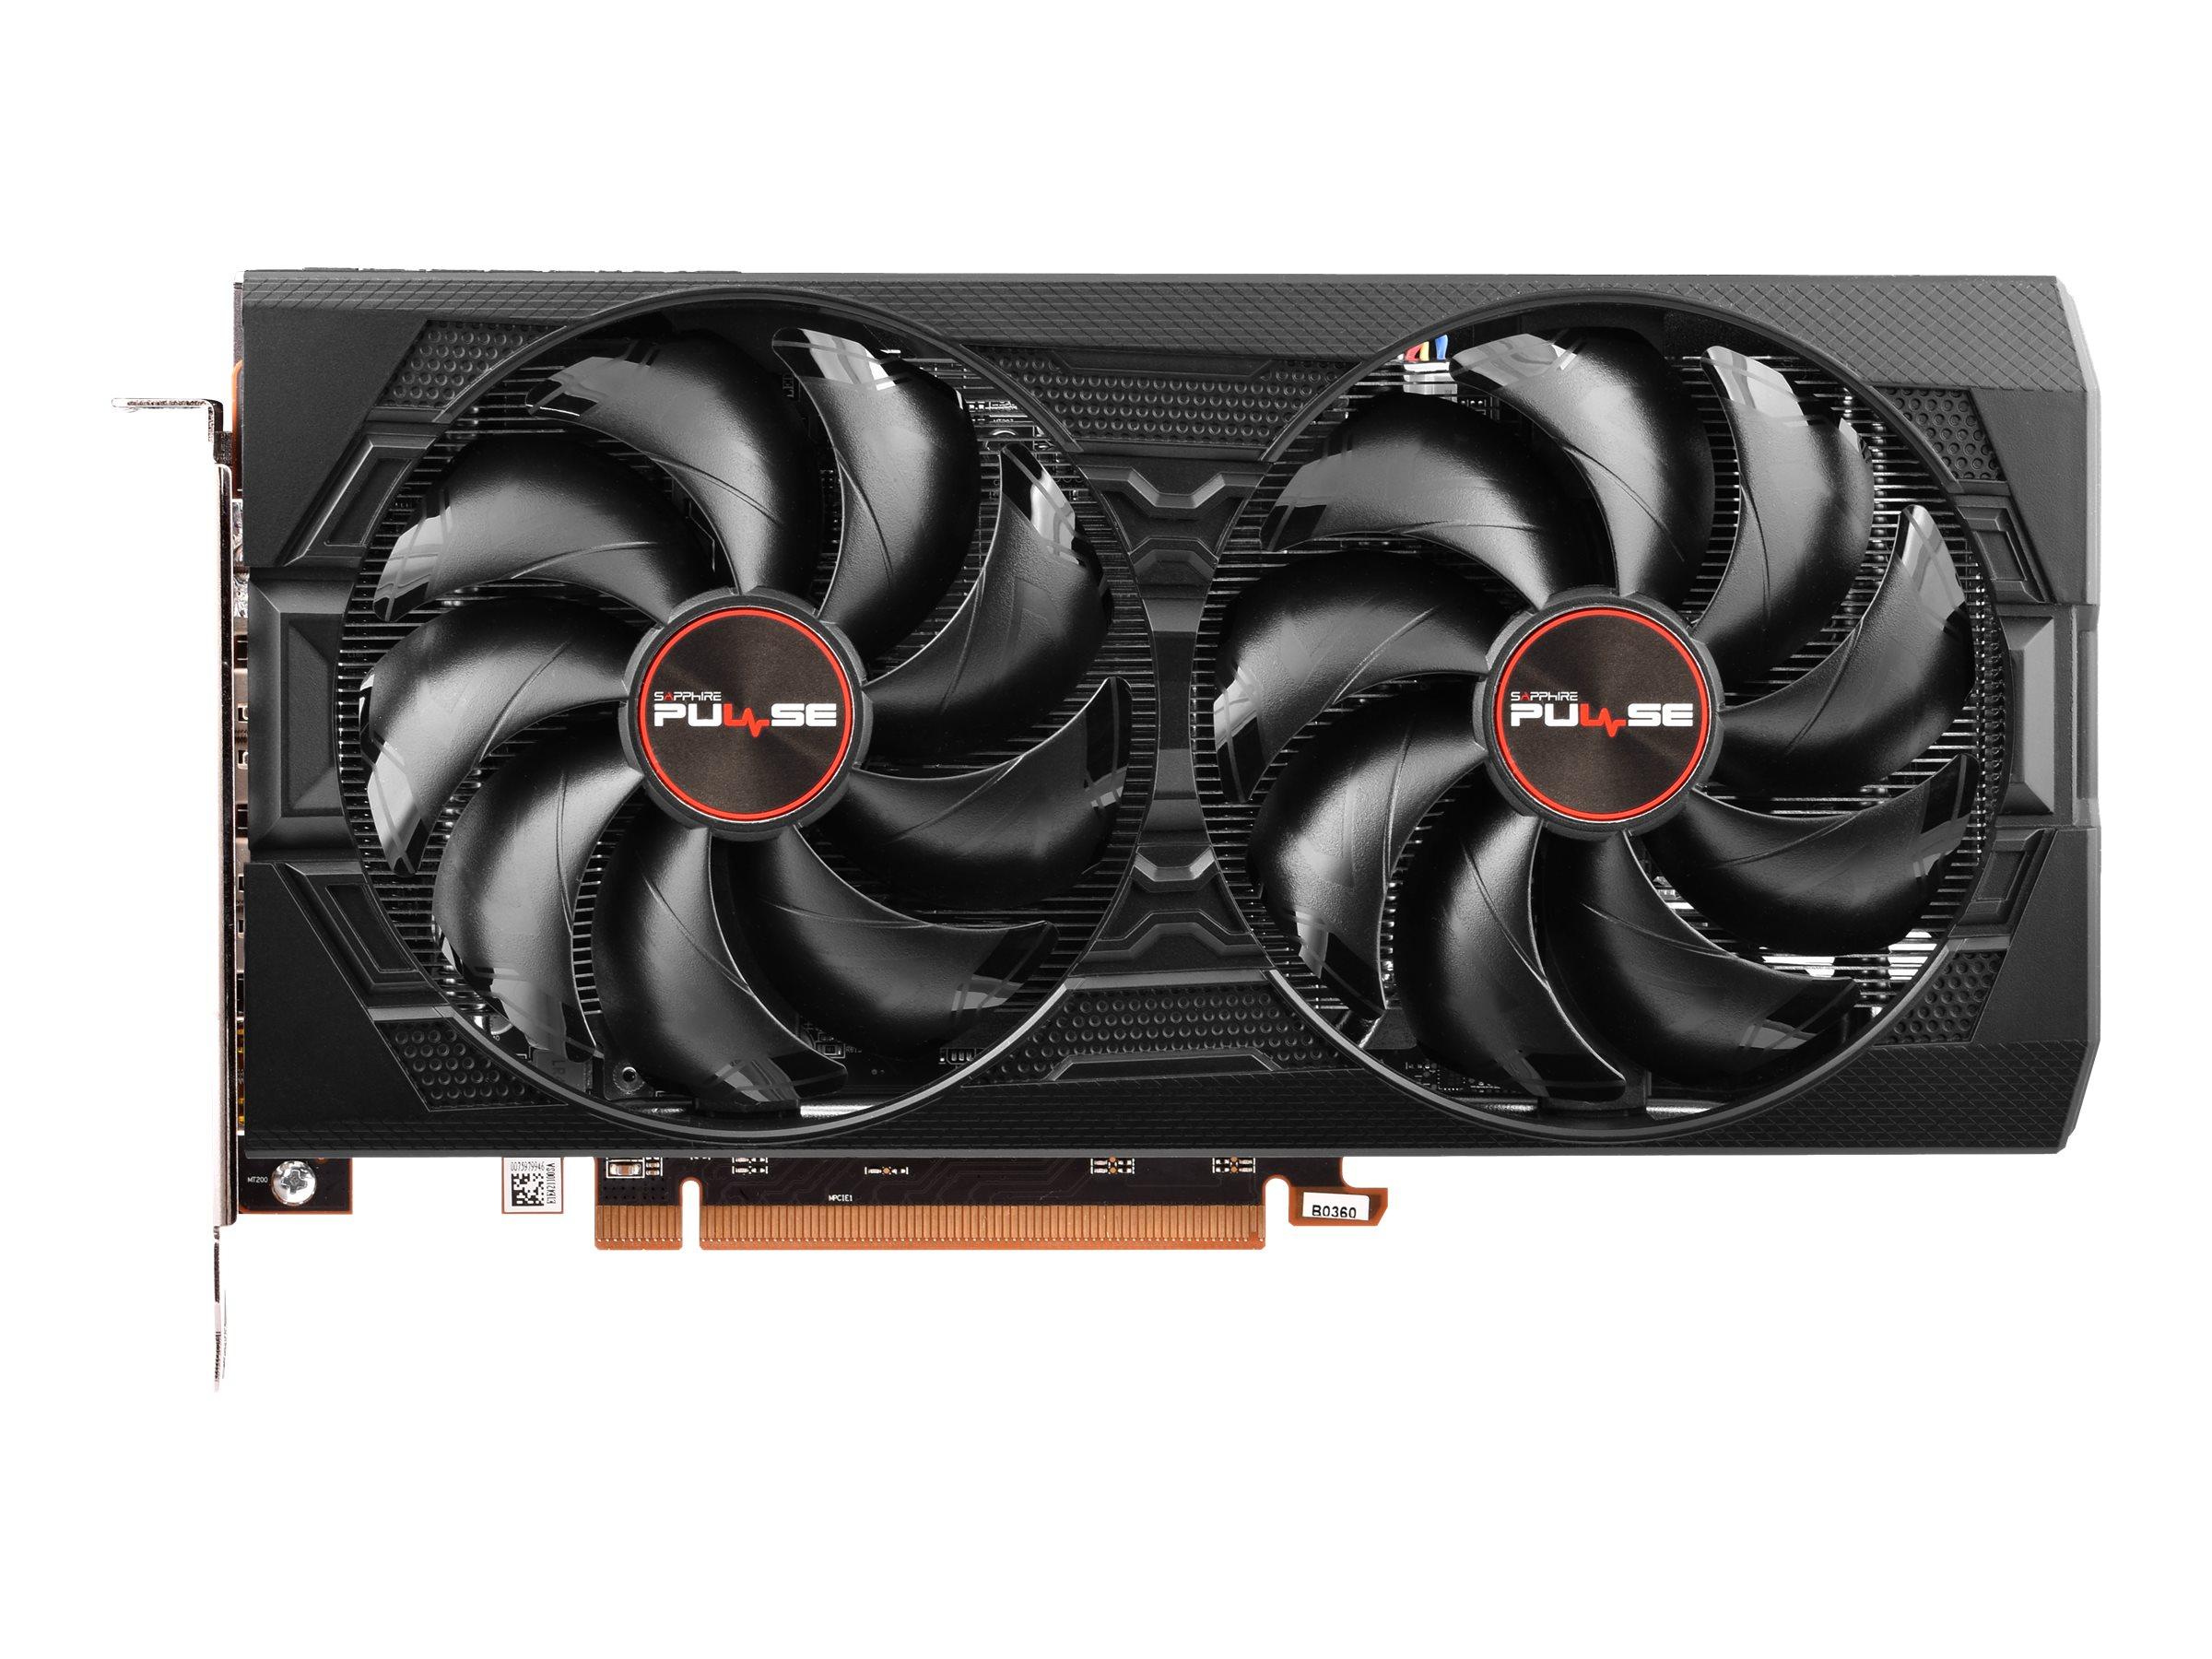 Sapphire Pulse Radeon RX 5500 XT - Grafikkarten - Radeon RX 5500 XT - 8 GB GDDR6 - PCIe 4.0 - HDMI, 3 x DisplayPort